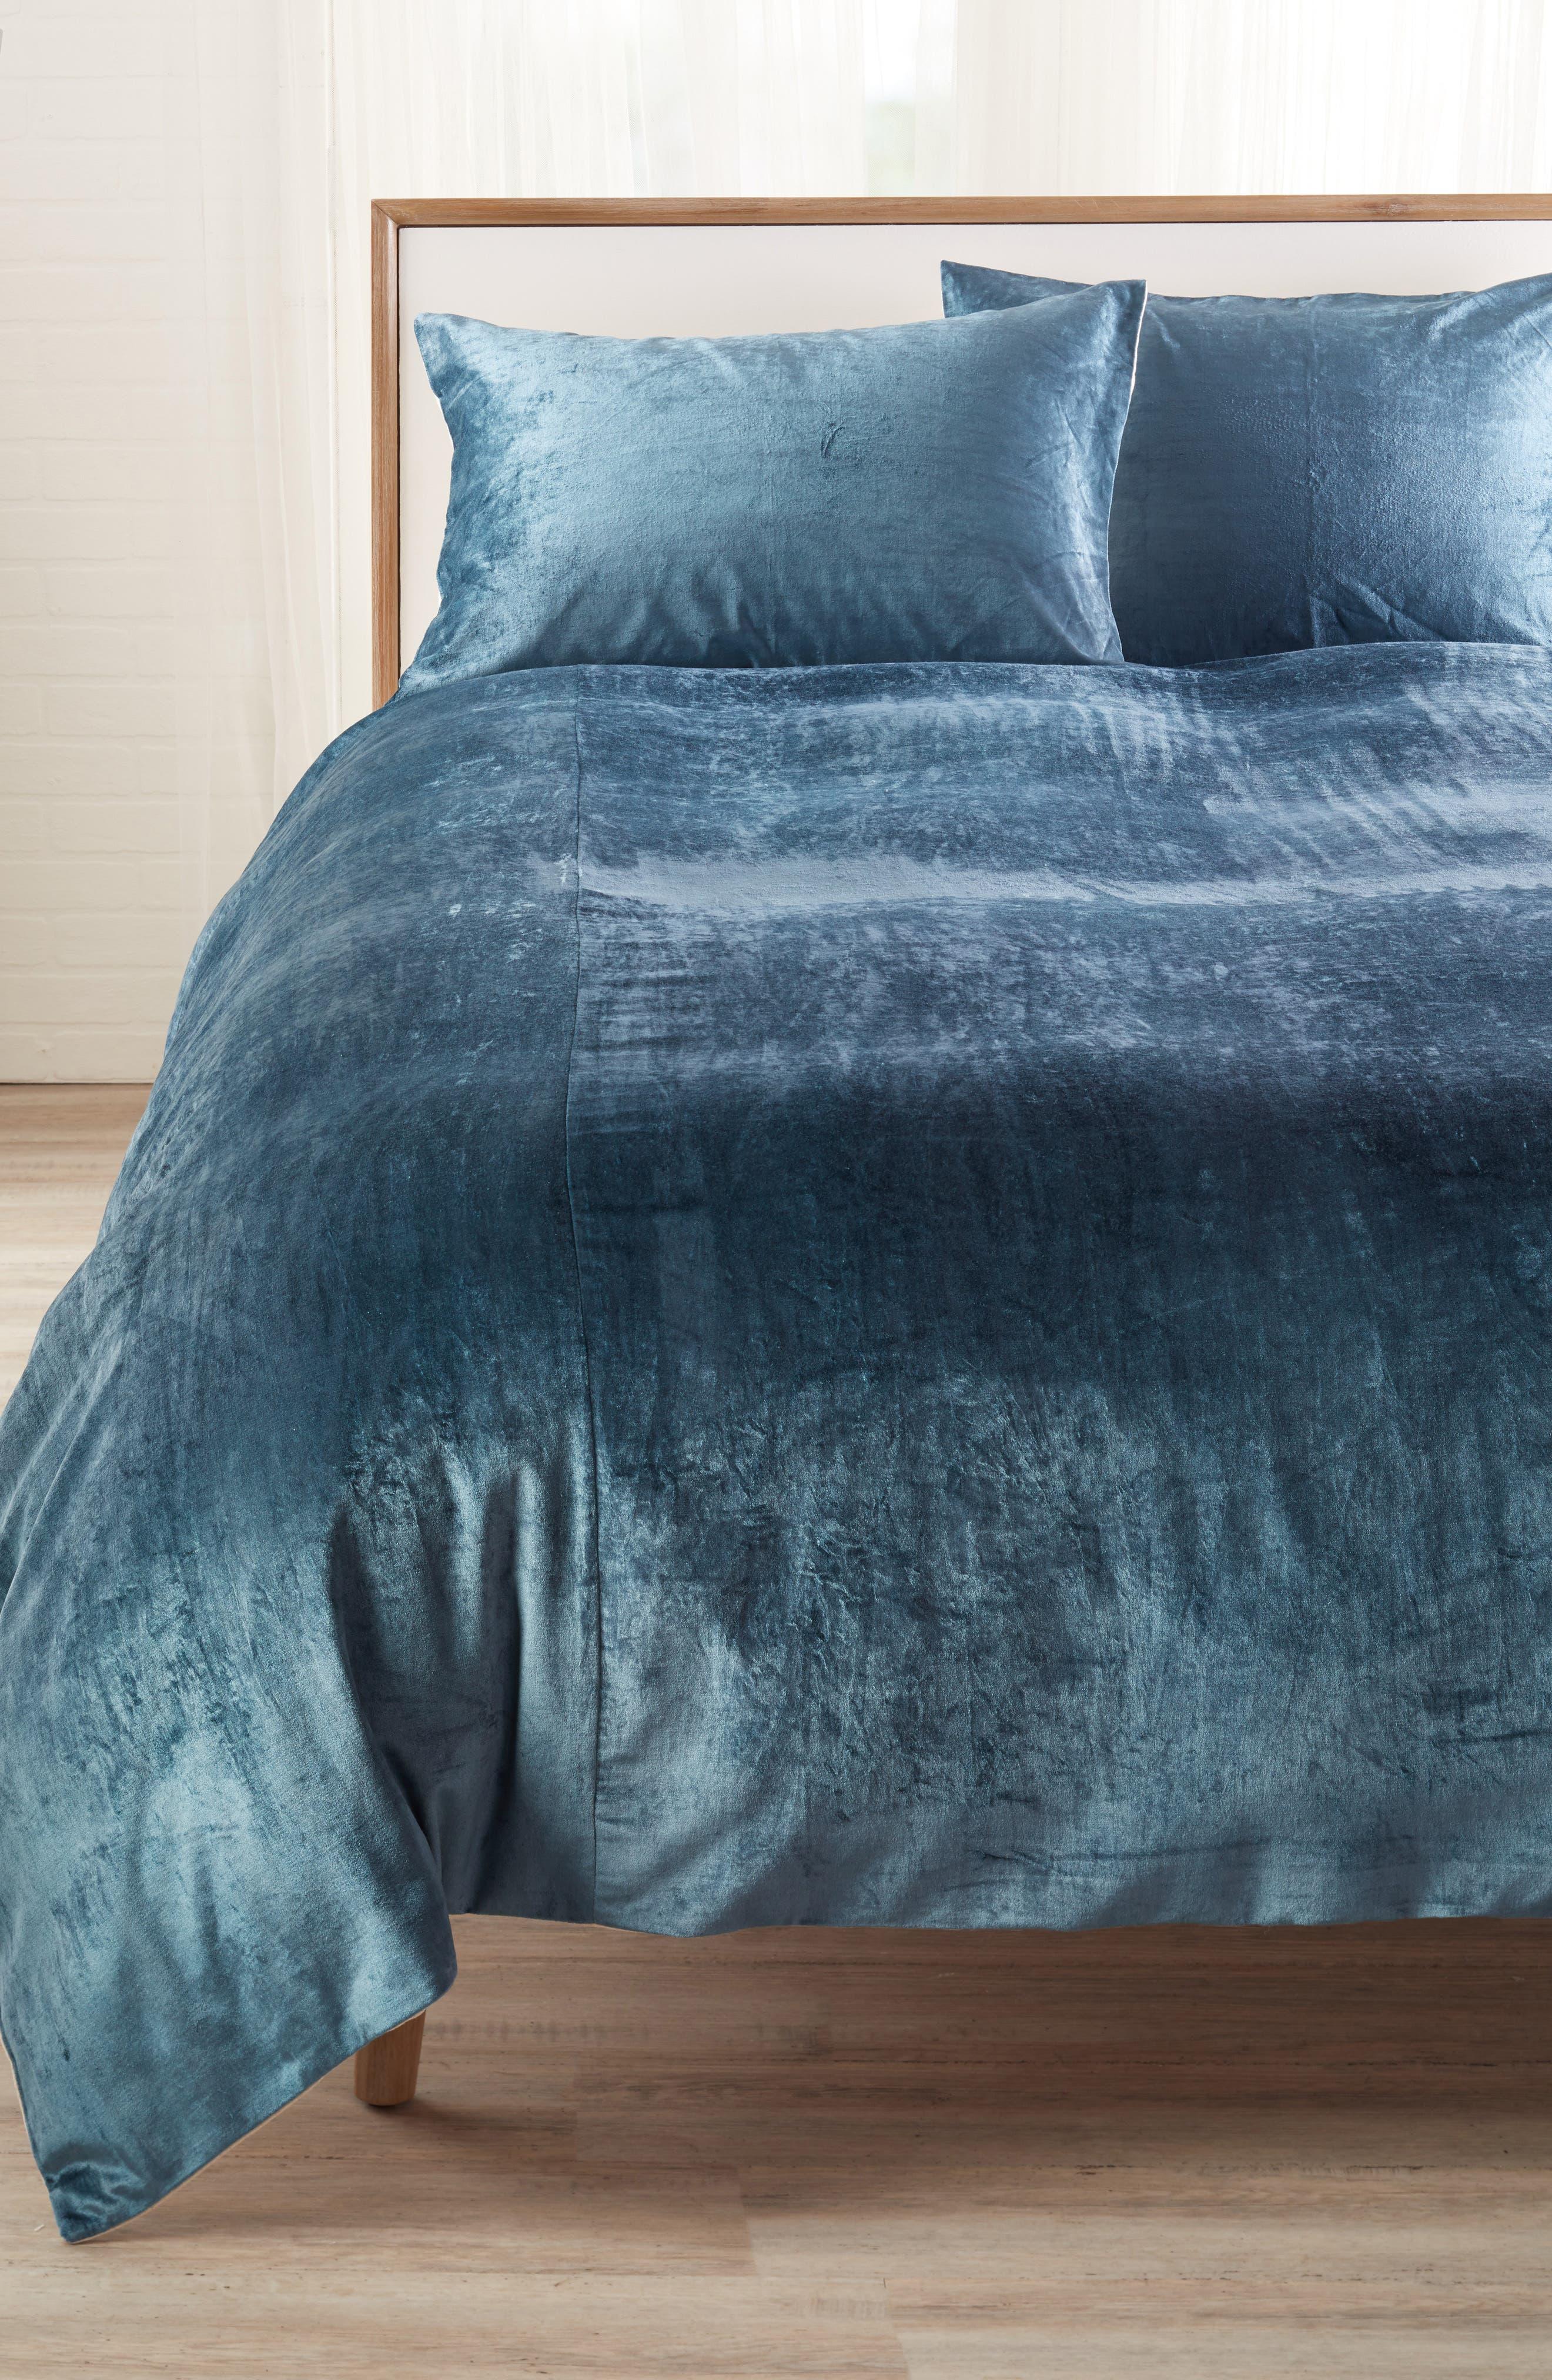 Shimmer Velvet Duvet Cover,                         Main,                         color, TEAL GAZER